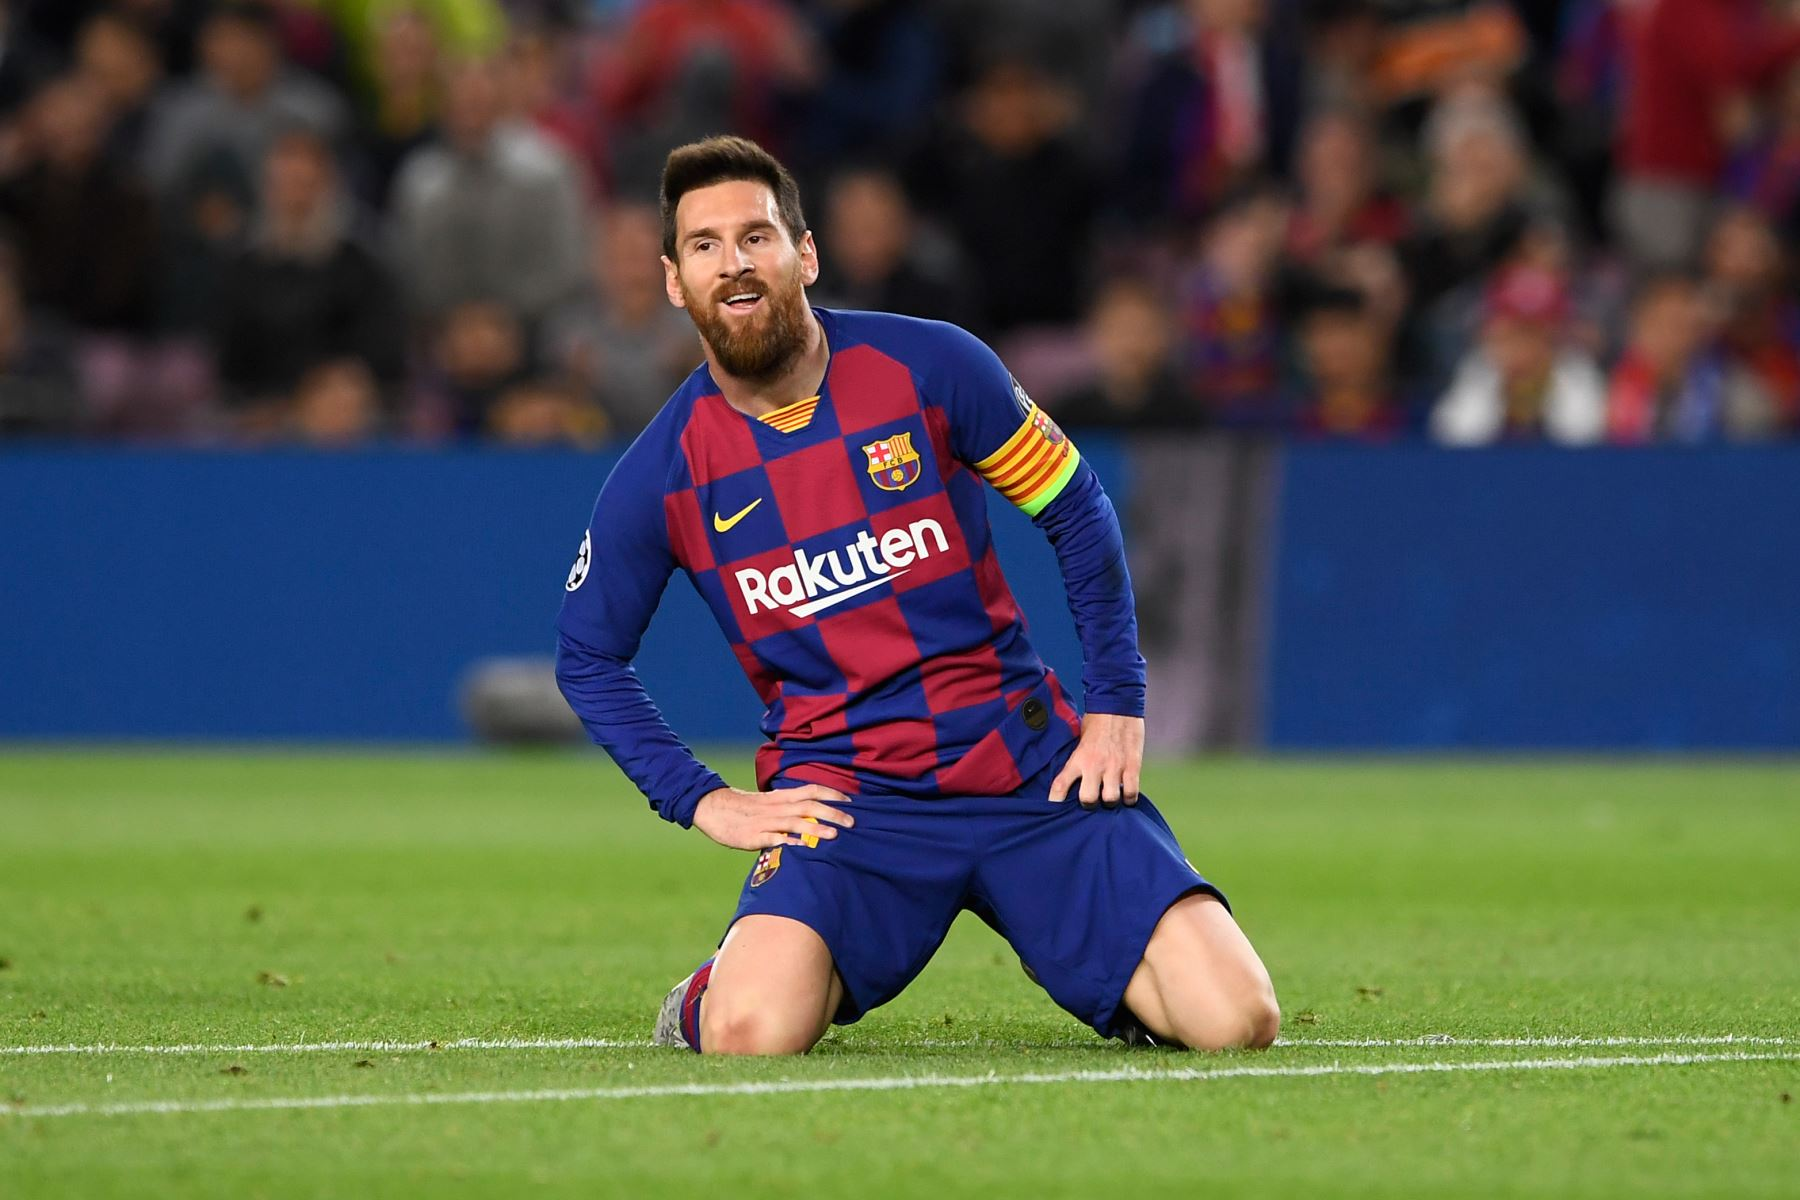 El delantero argentino de Barcelona, Lionel Messi, reacciona en el terreno durante el partido de fútbol del grupo F de la UEFA Champions League entre el FC Barcelona y el SK Slavia de Praga. Foto: AFP